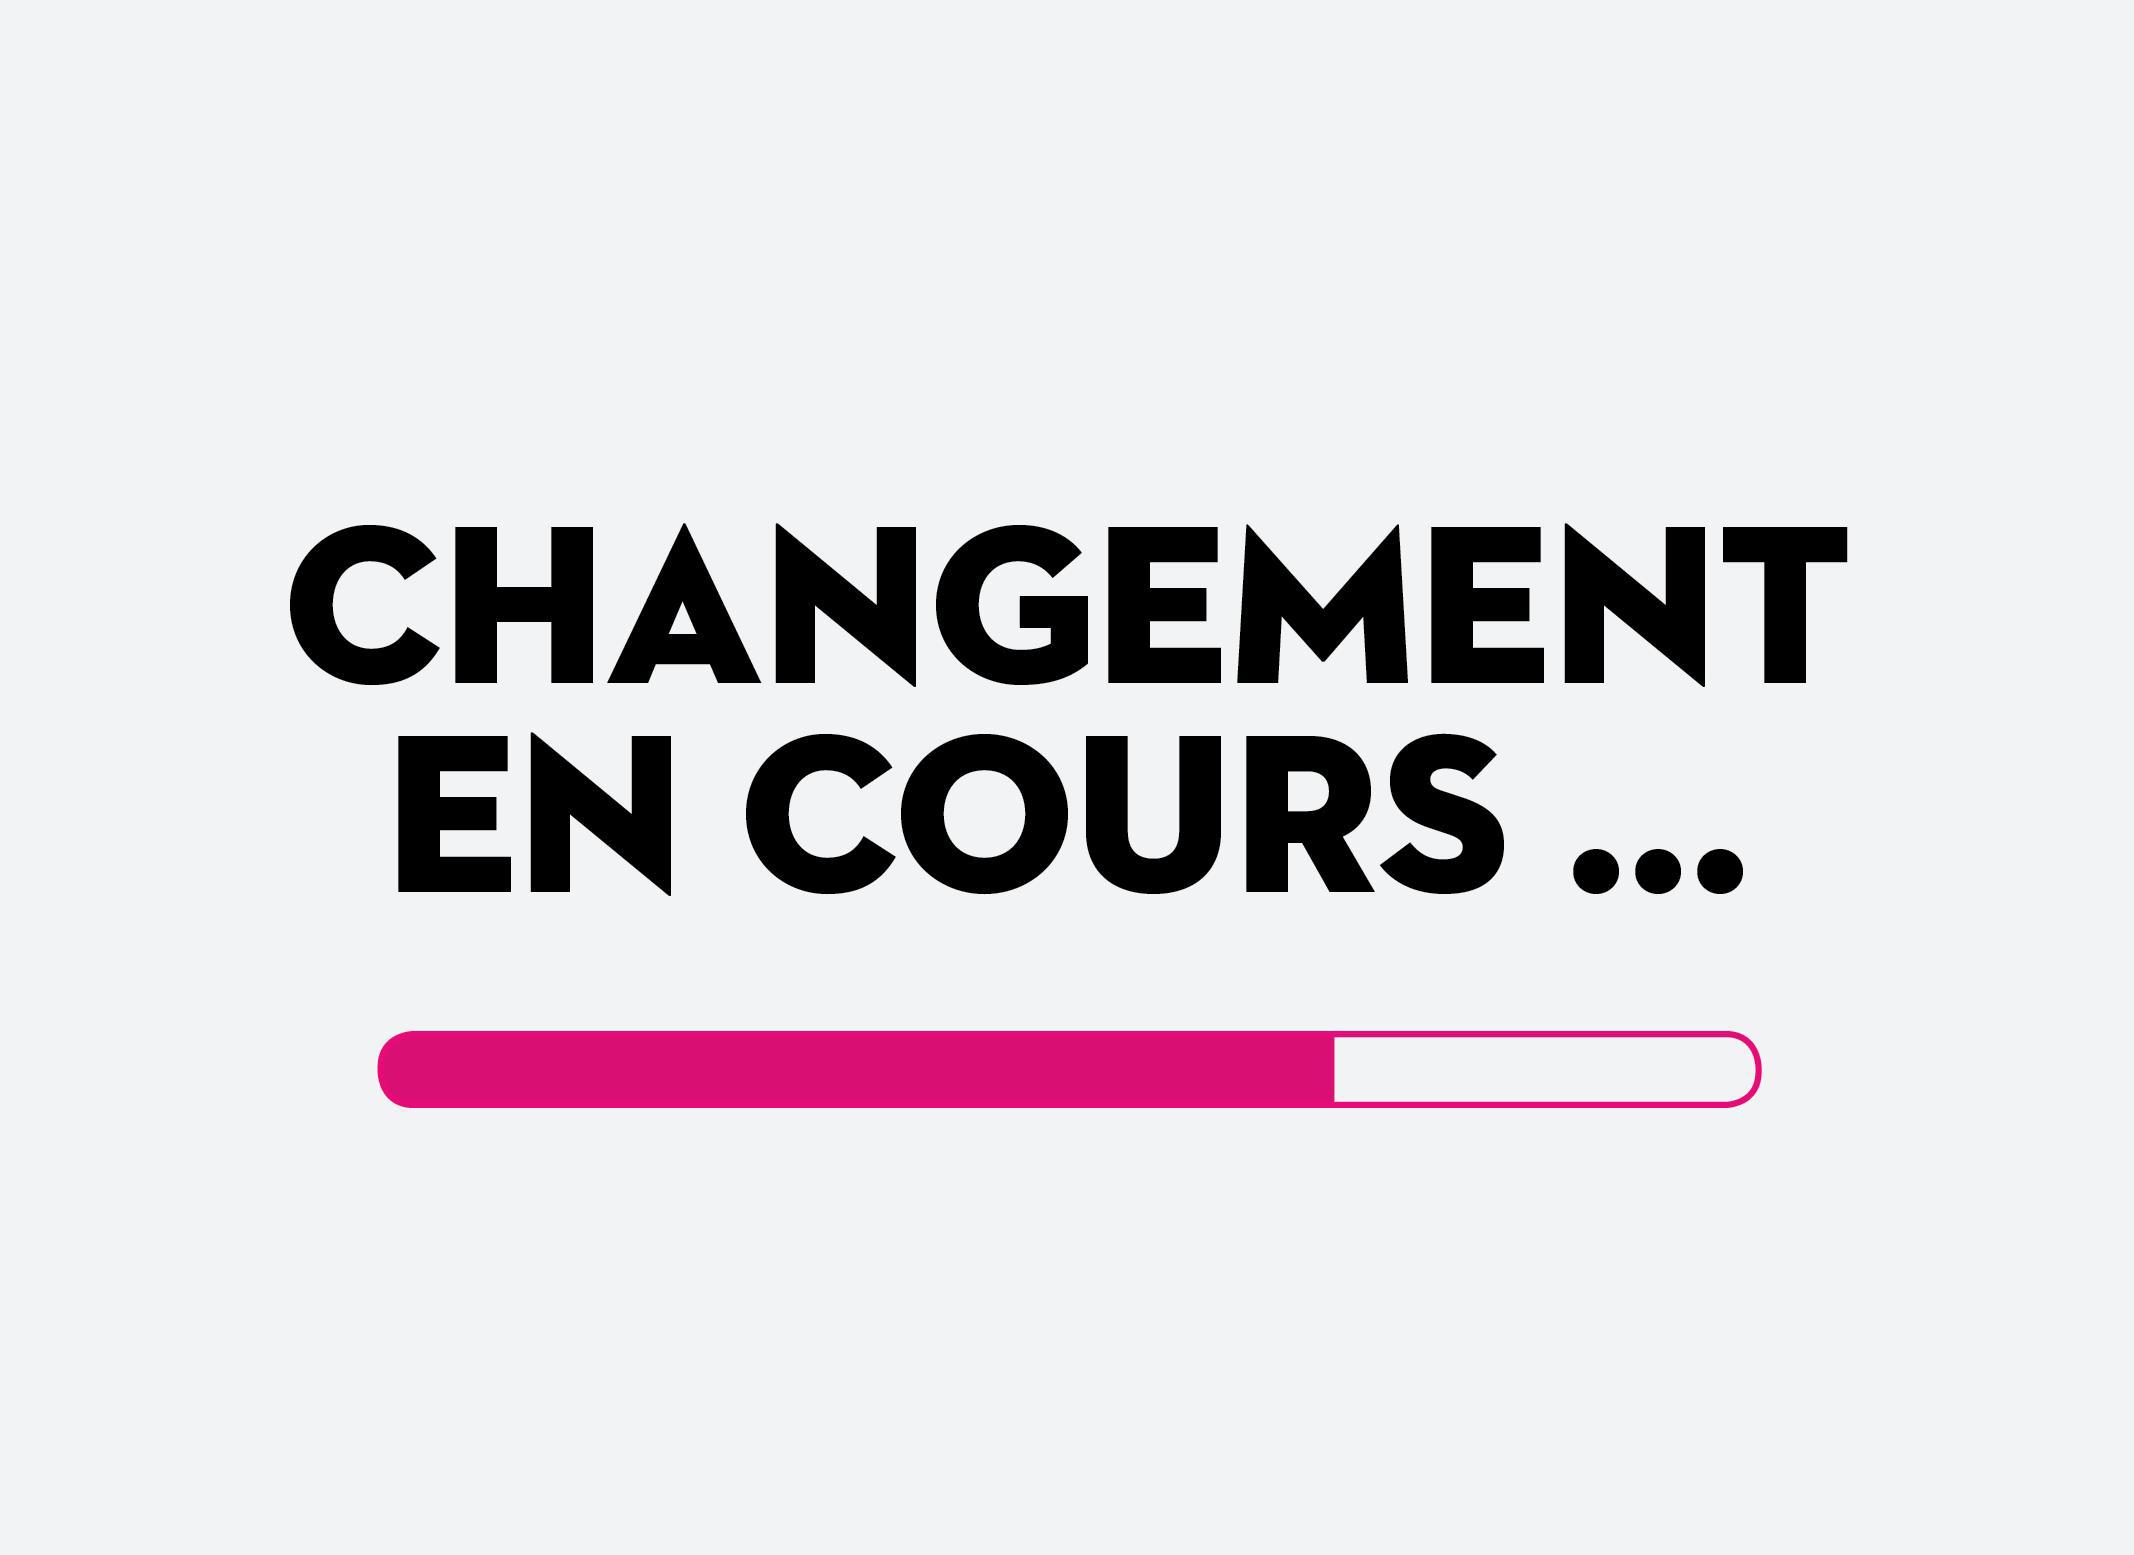 Changement-en-cours-1